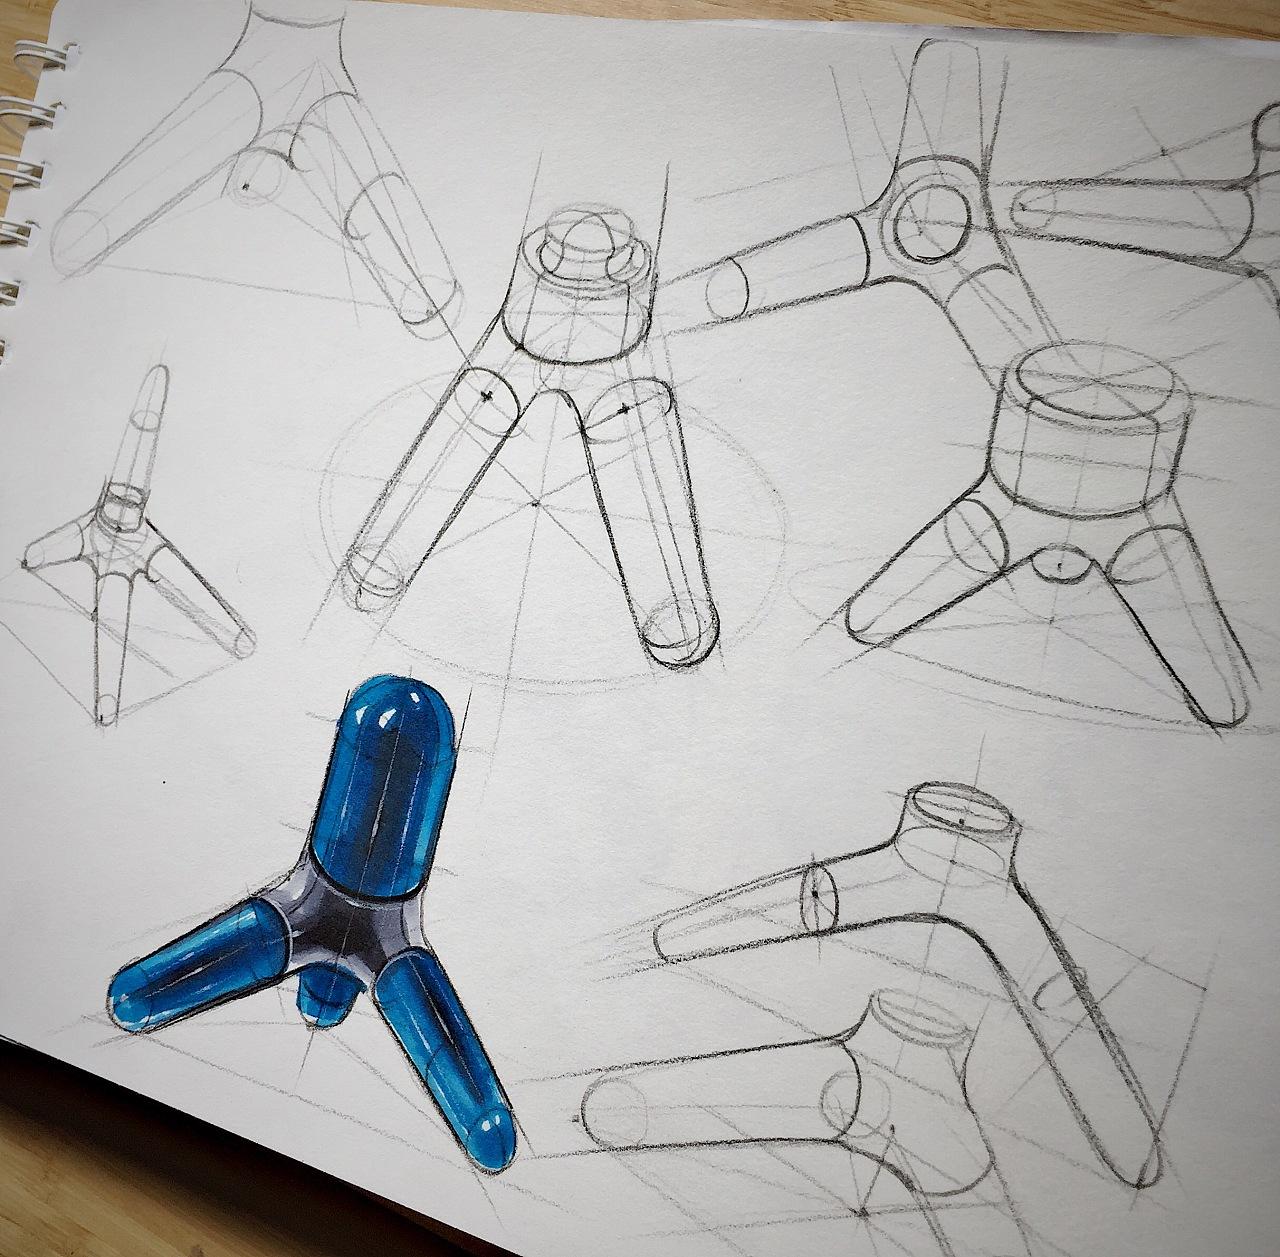 产品手绘线稿及马克笔技法表现